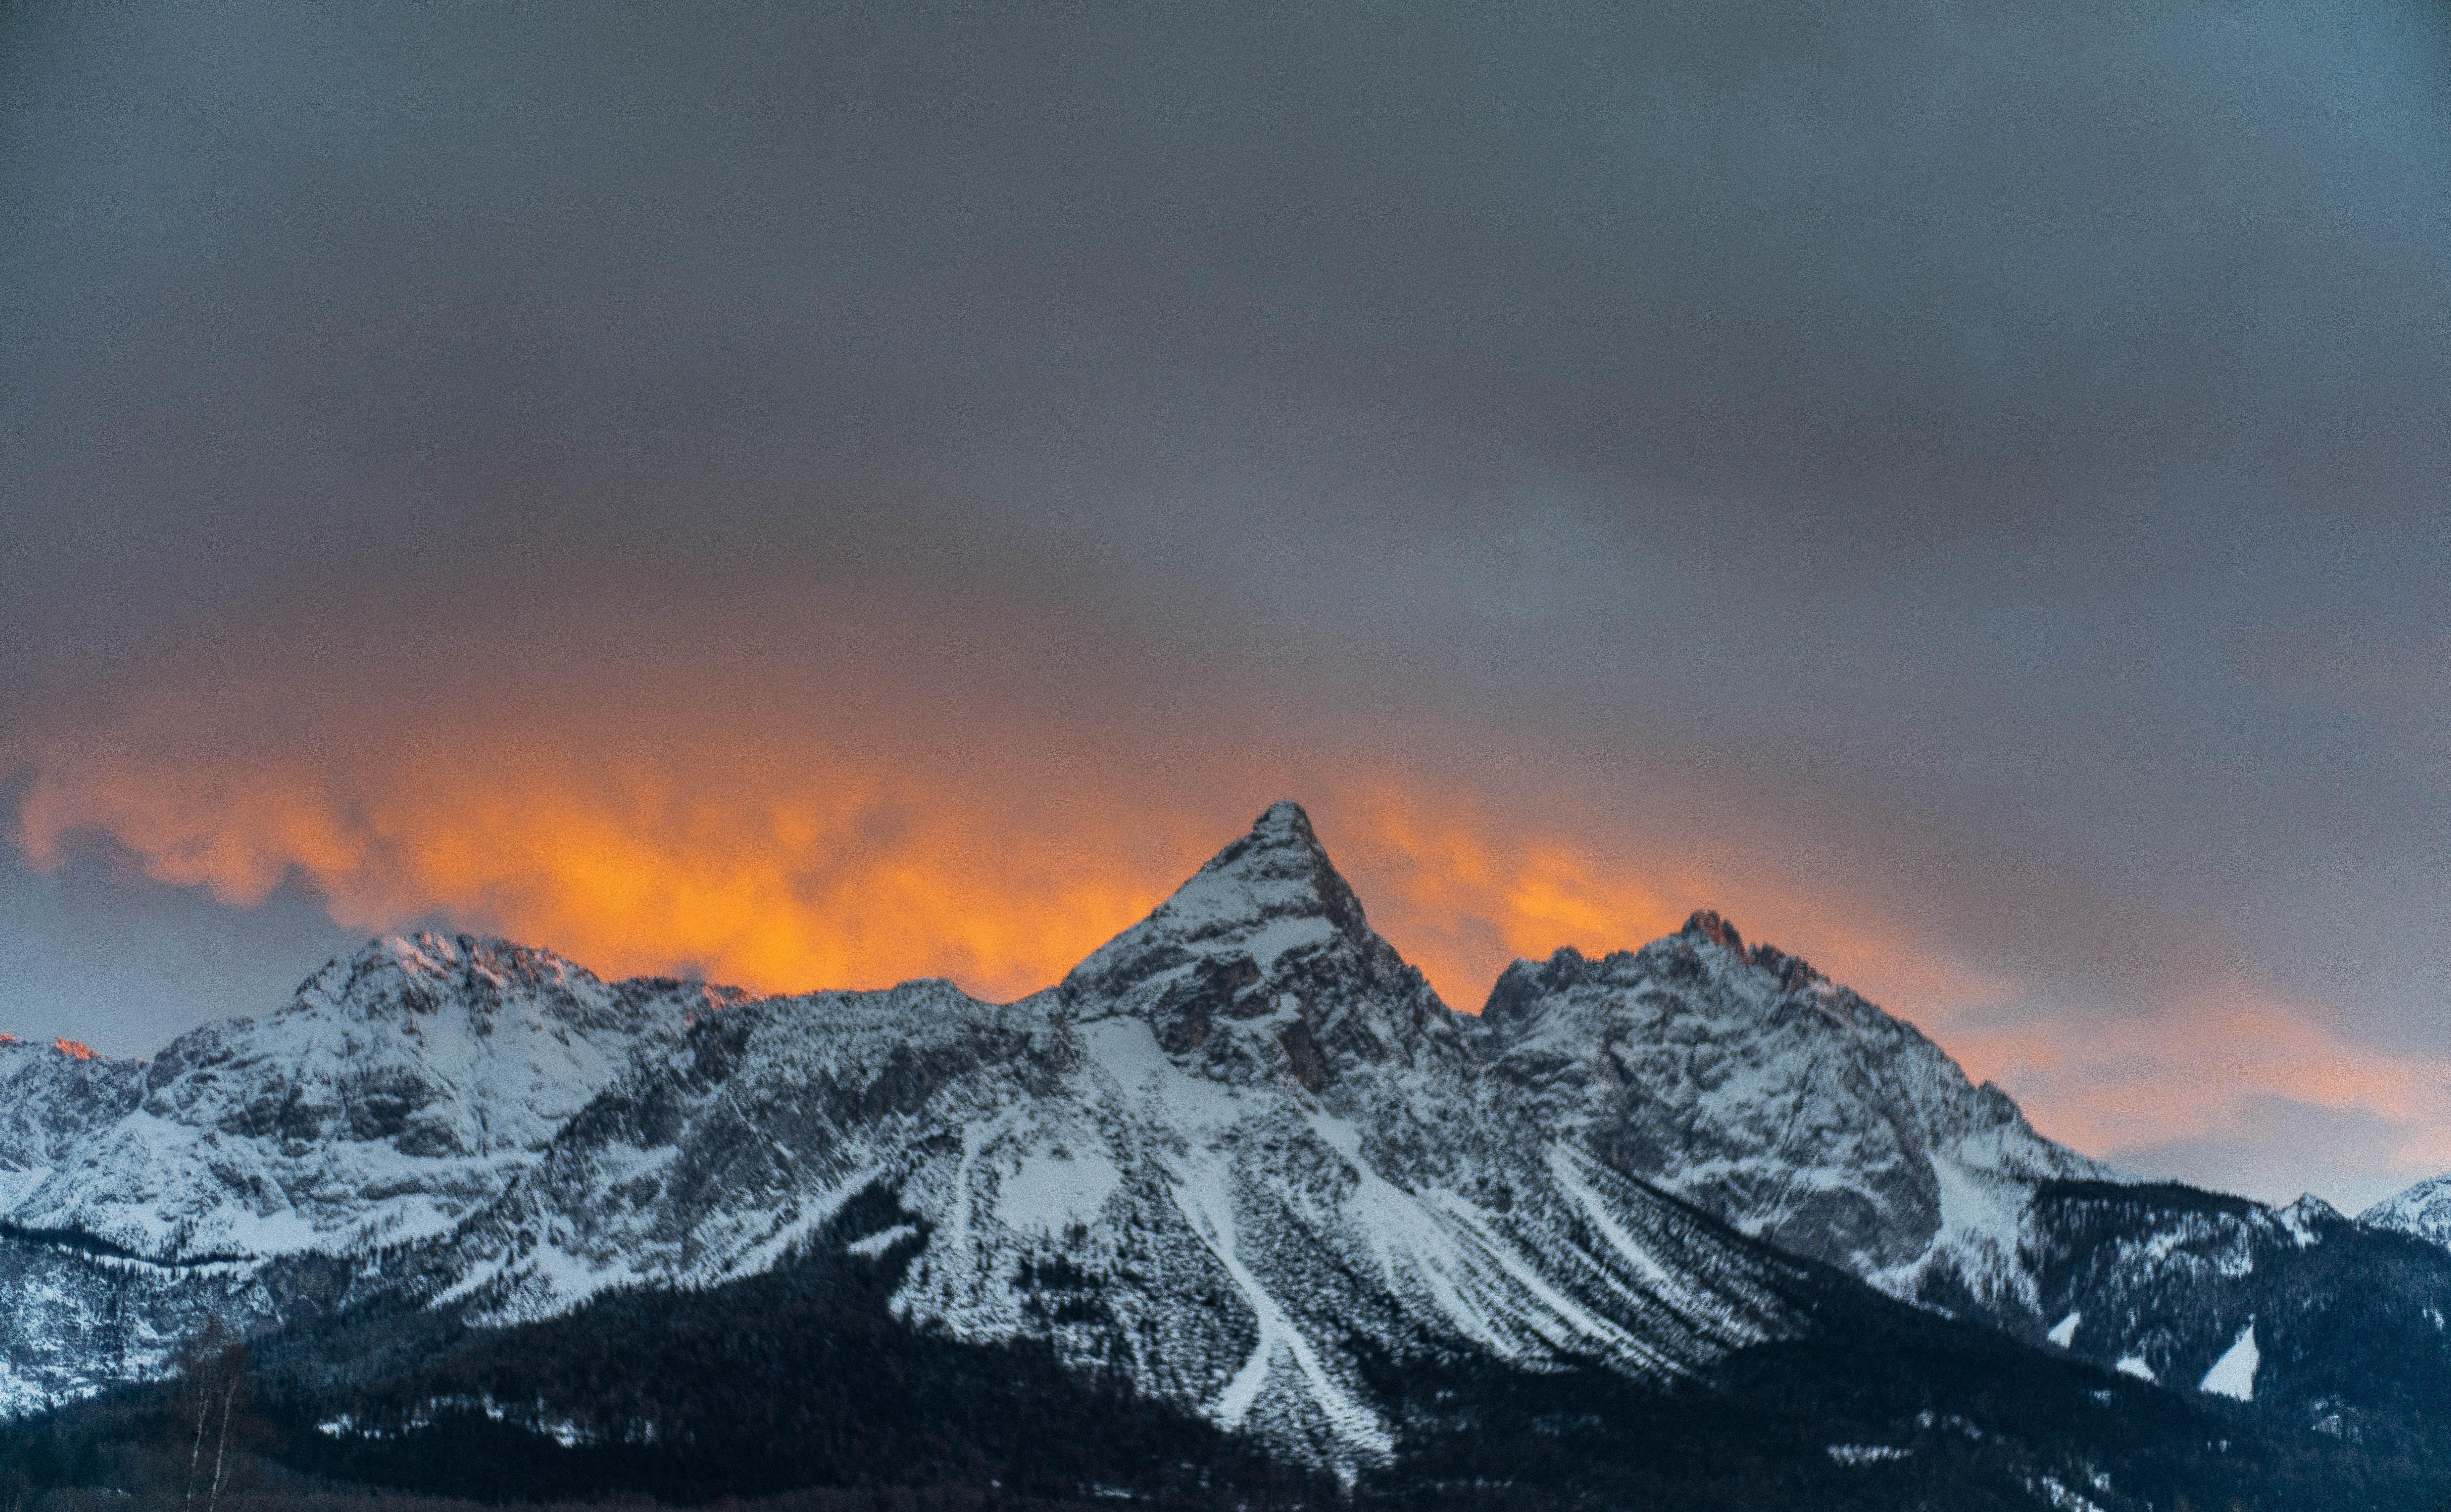 clouds, cold, dawn